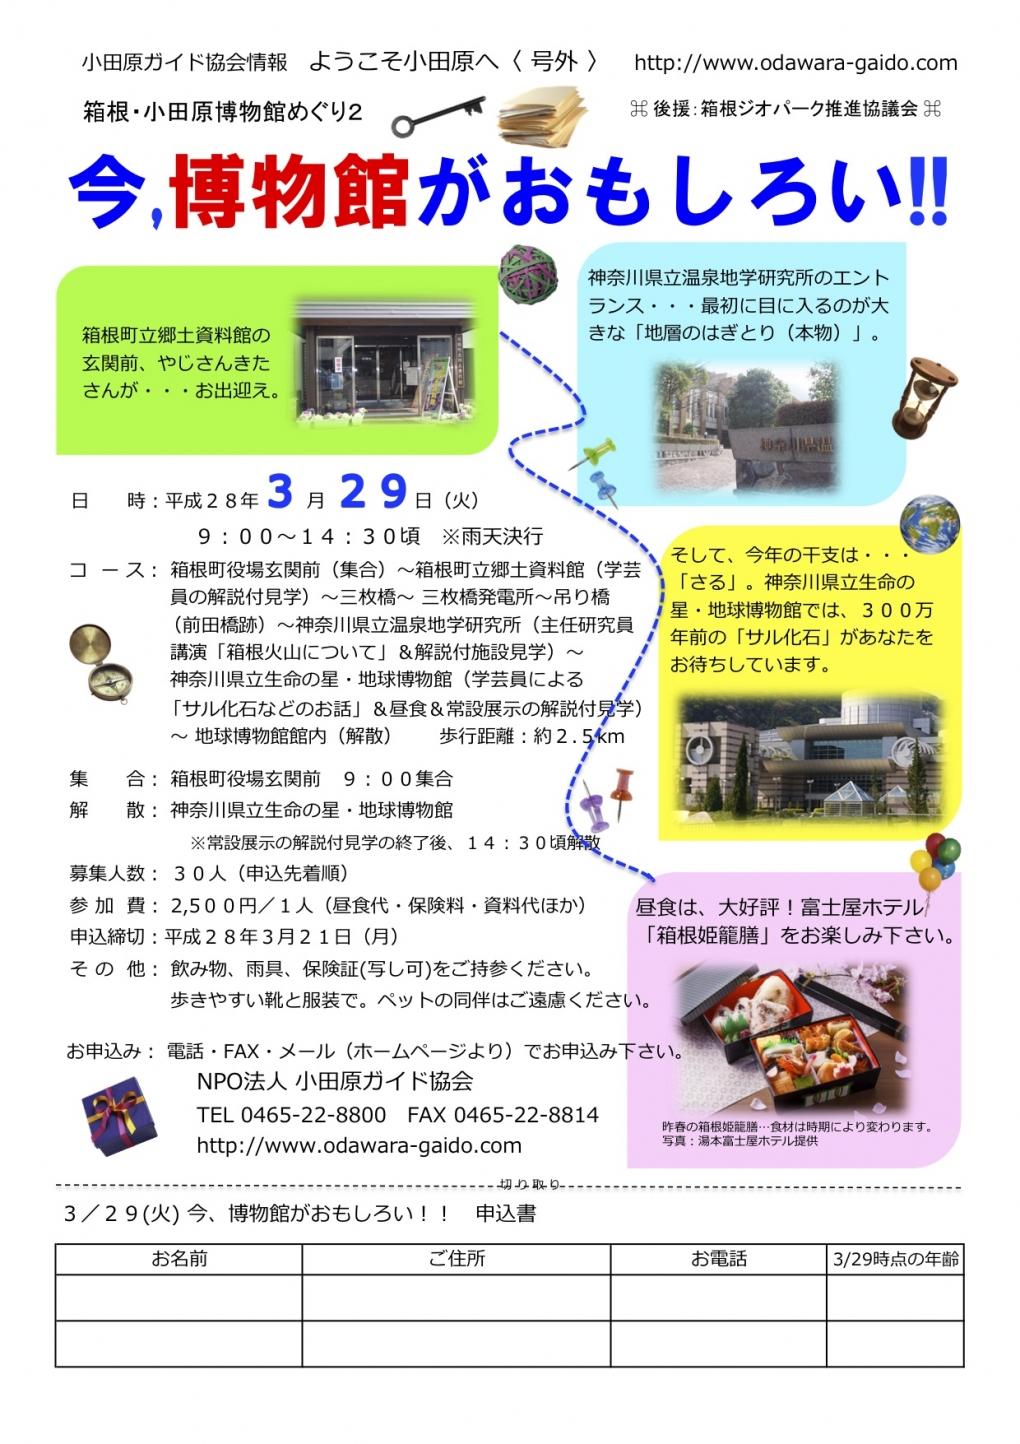 箱根・小田原博物館めぐり2「 今、博物館がおもしろい!!」を開催します!